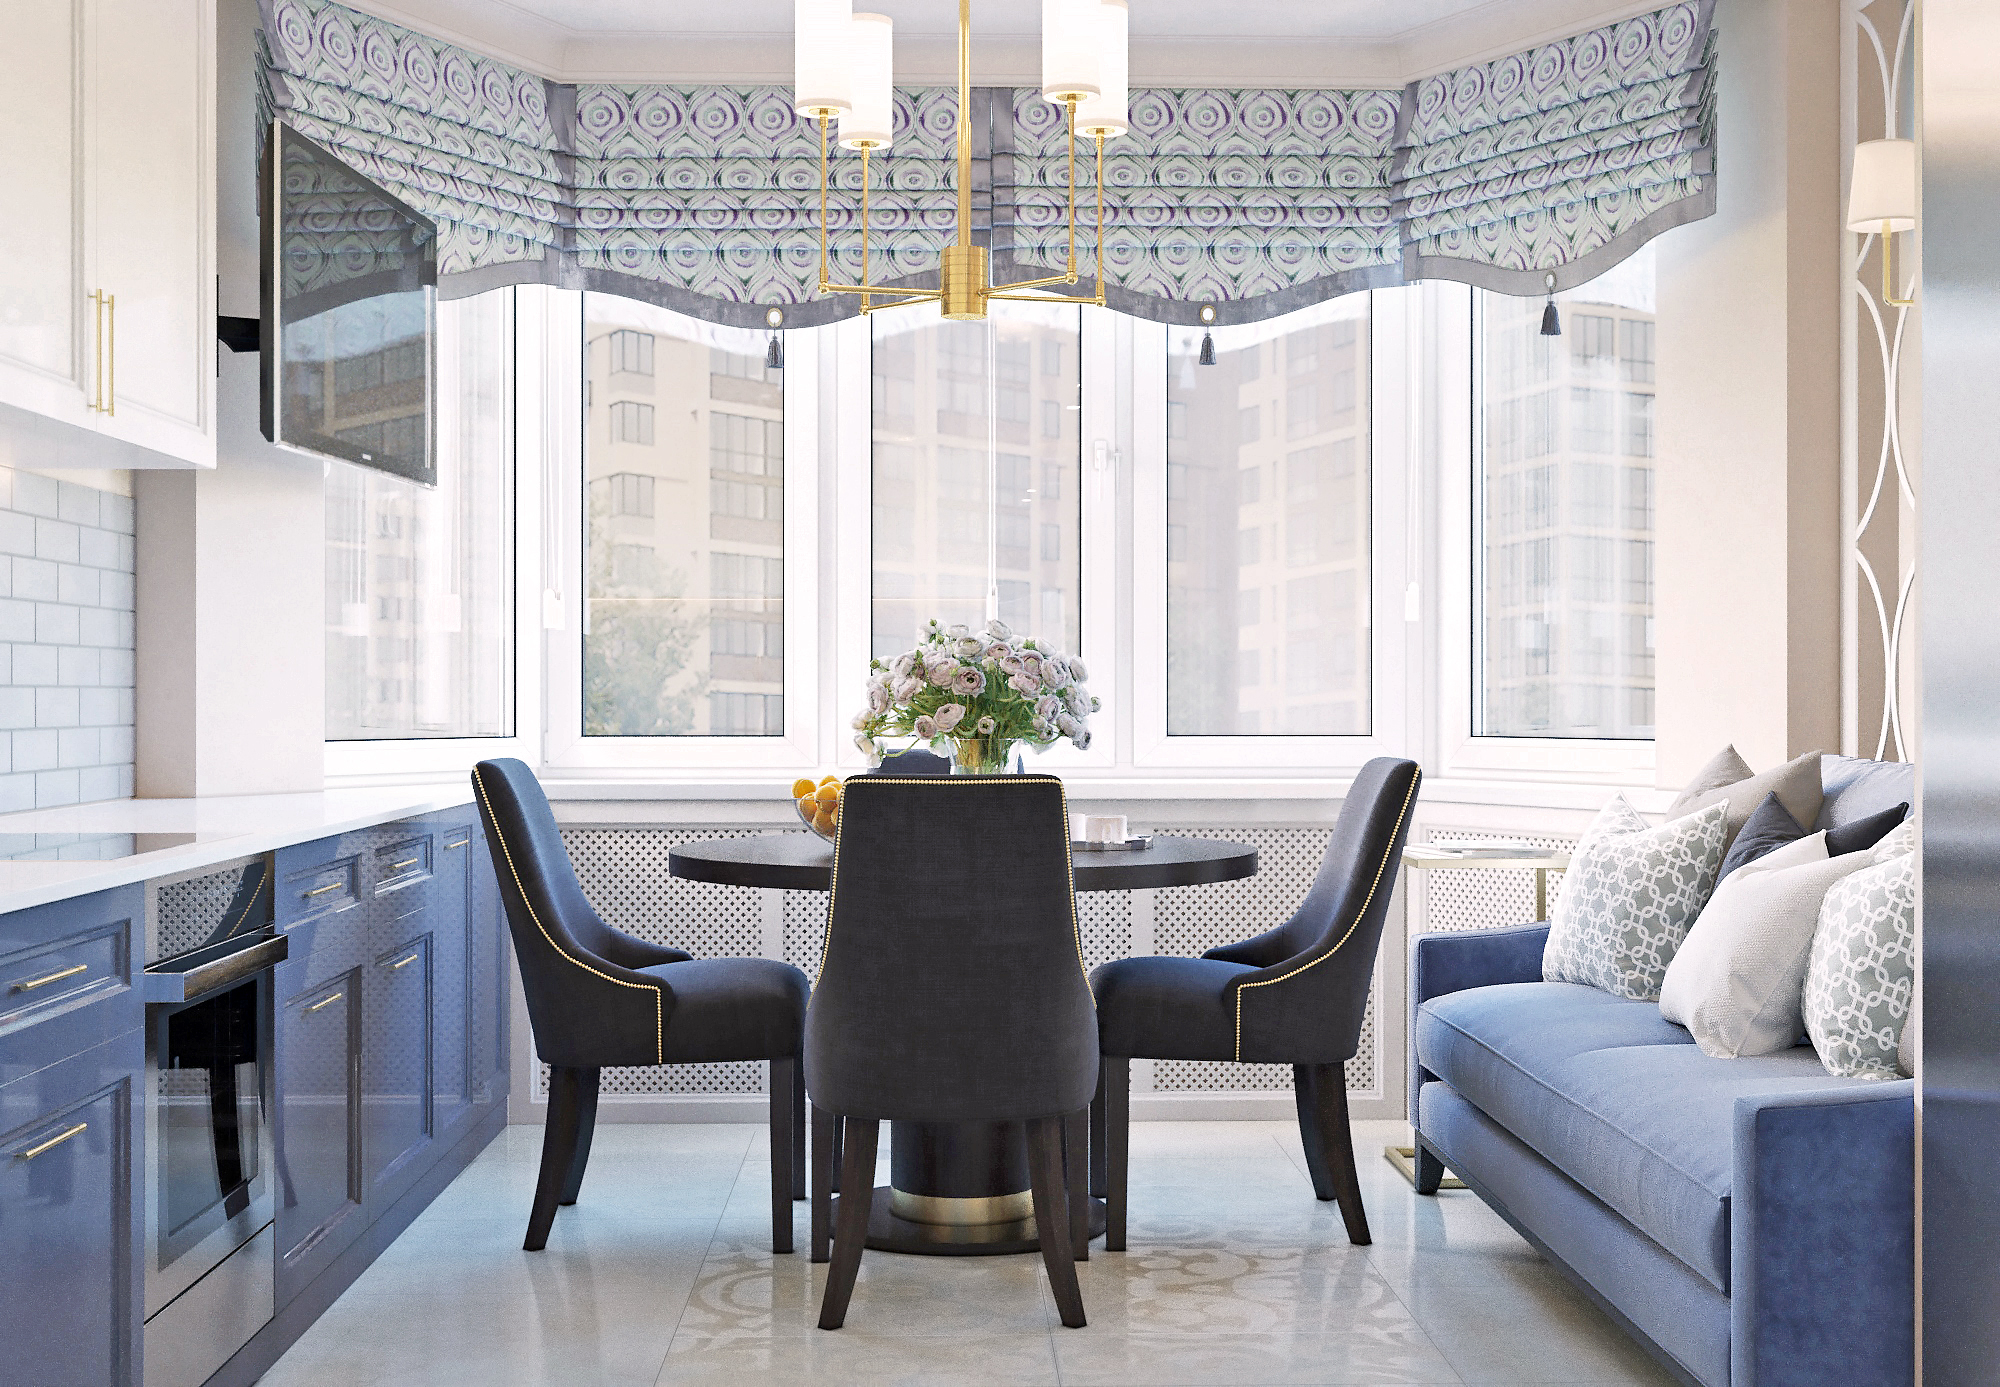 квартира в переделкино - Дизайн-проект интерьера 2-комнатной квартиры на Юго-Западе Москвы в стиле современной классики.